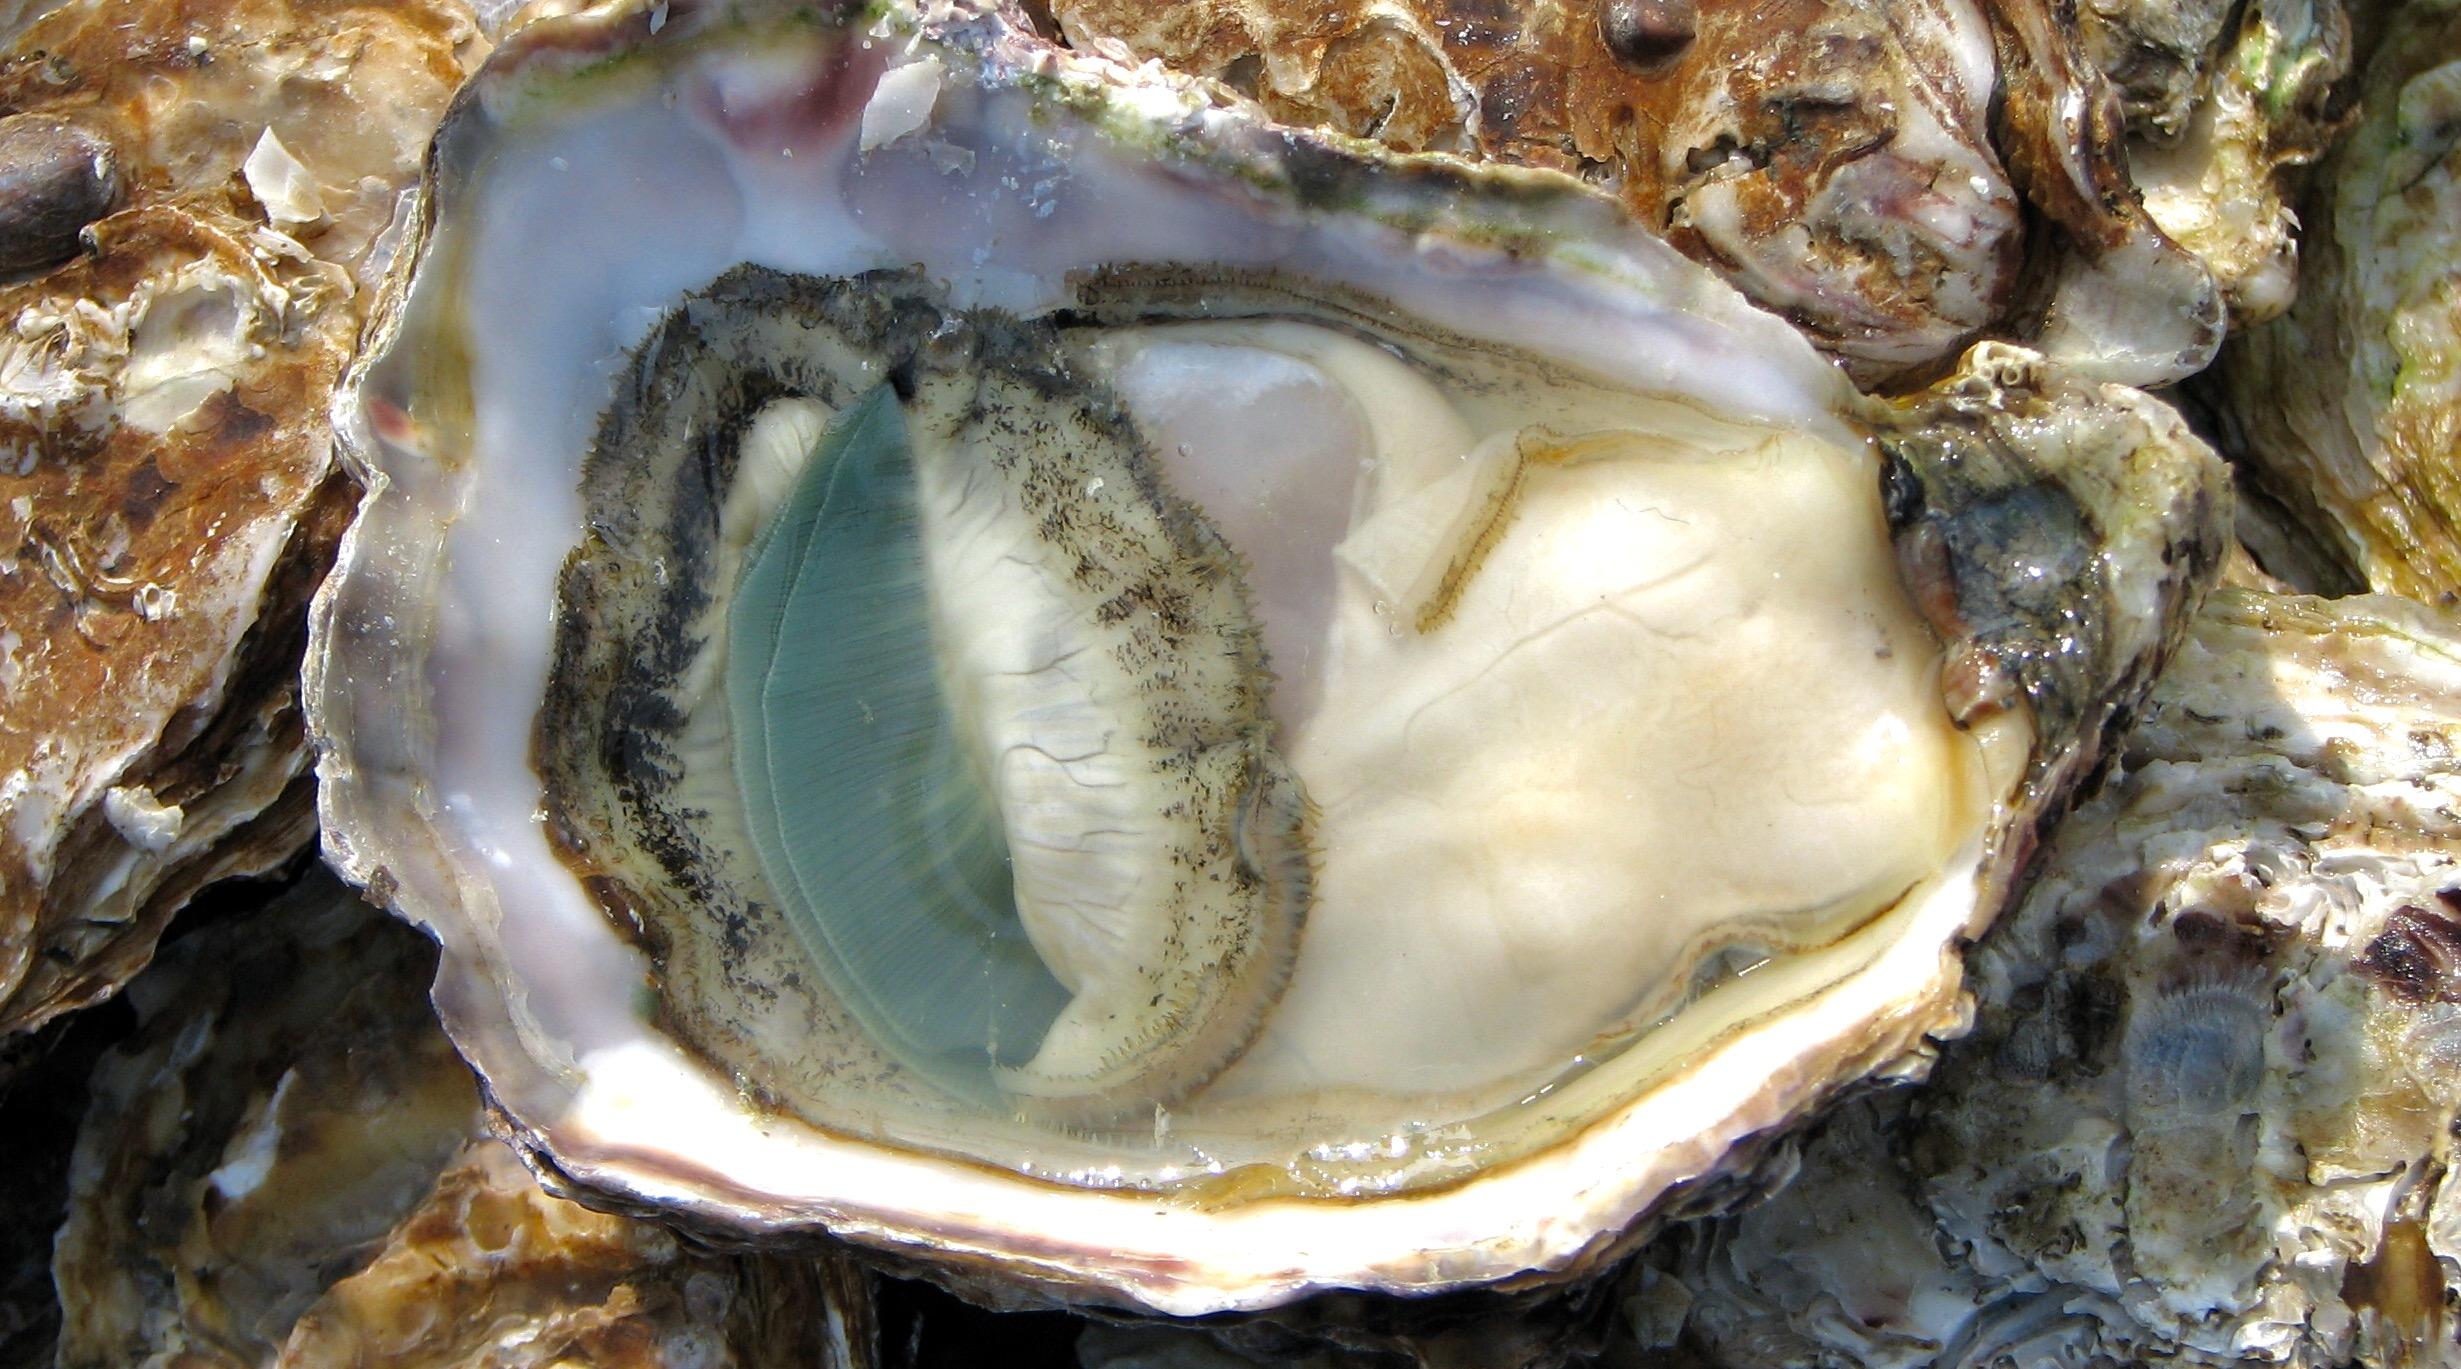 Oyster as aphrodisiac